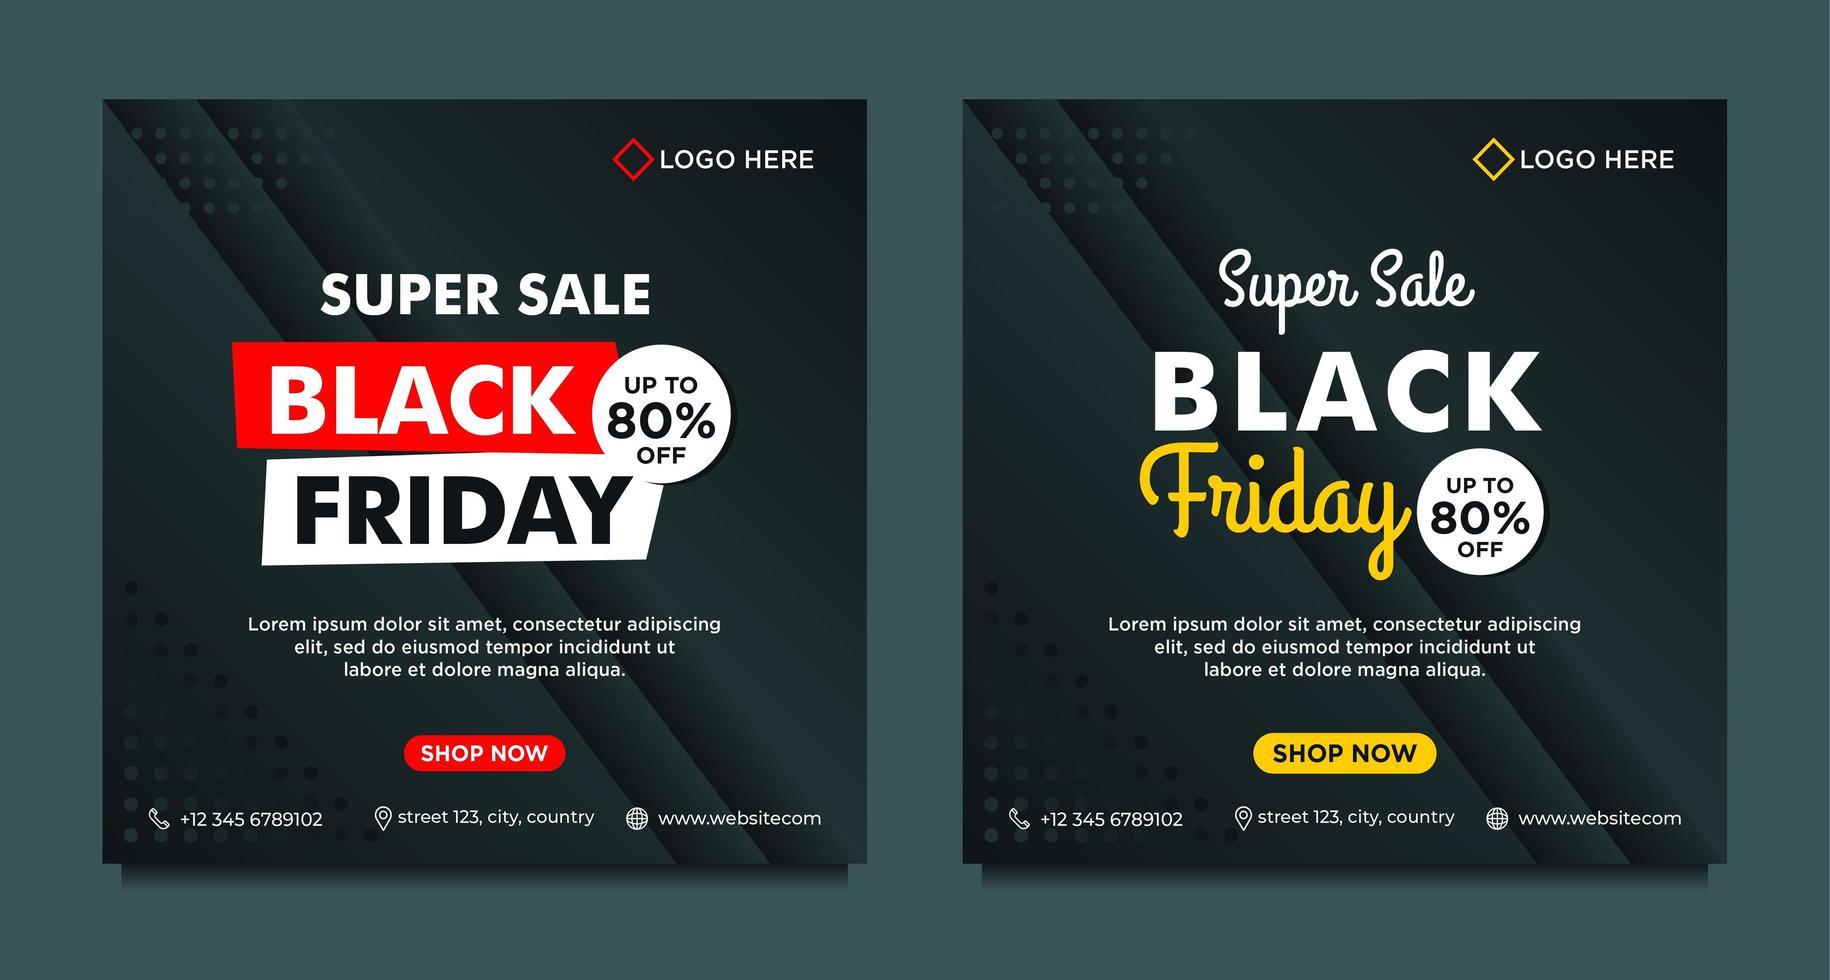 svart, gul, röd svart fredag försäljning sociala medier mallar vektor